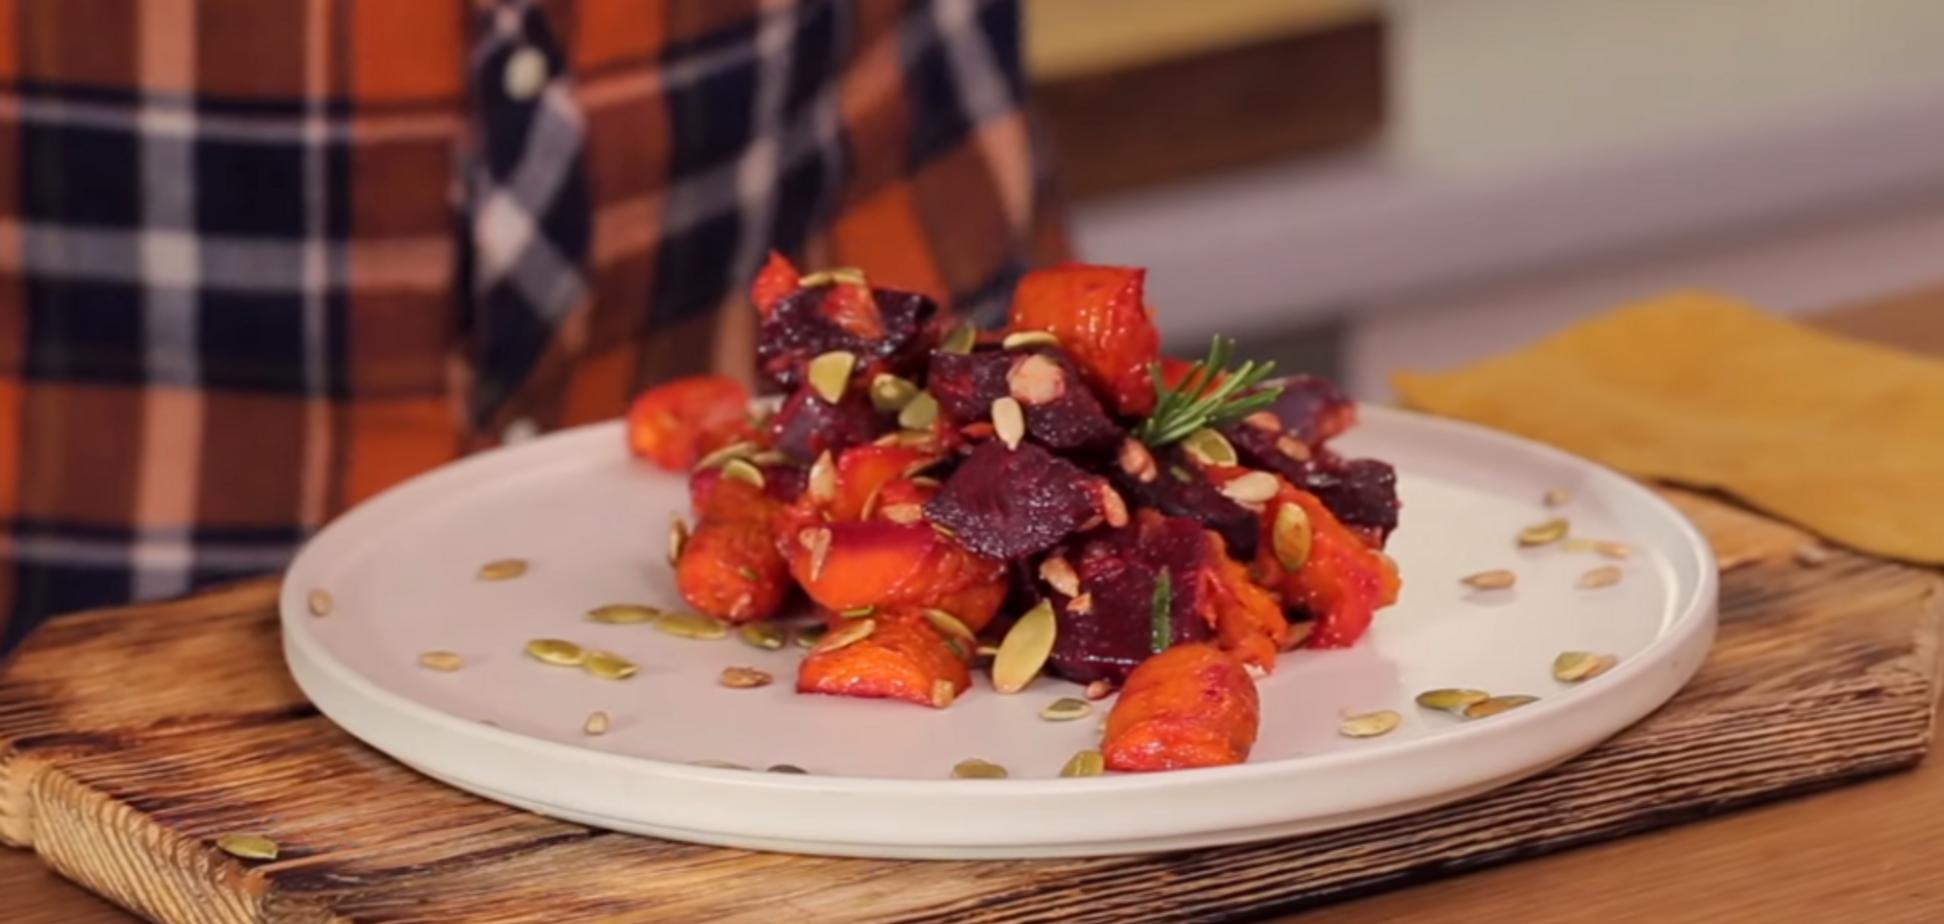 Как приготовить диетический салат: рецепт от известного кулинара